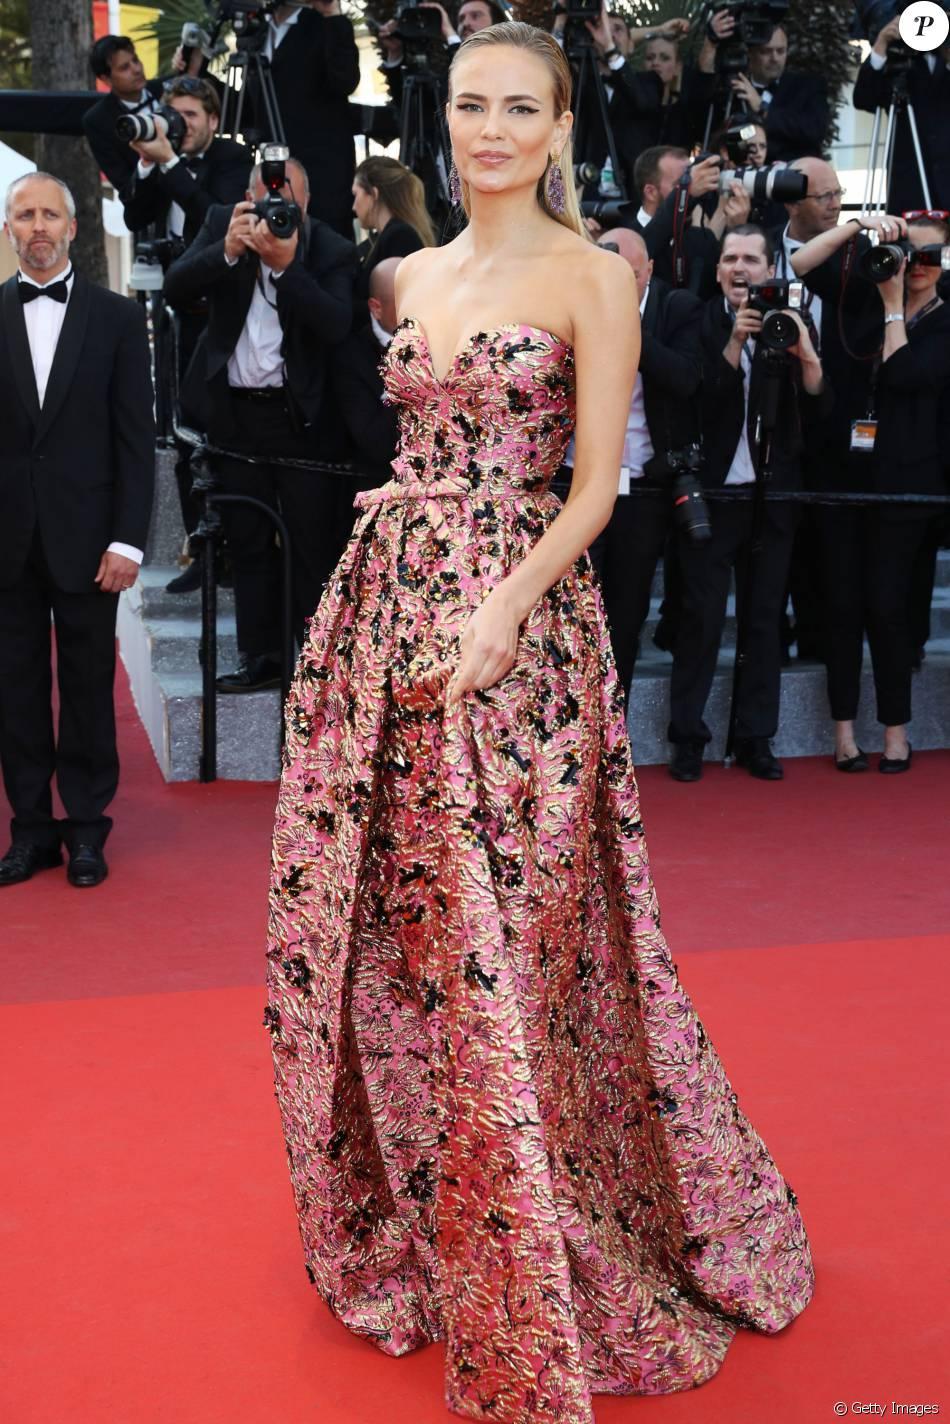 A top russa Natasha Poly brilhou com look Prada ao lado de outras modelos no red carpet de Cannes para conferir o filme 'Julieta', de Pedro Almodóvar, na terça-feira, 17 de maio de 2016